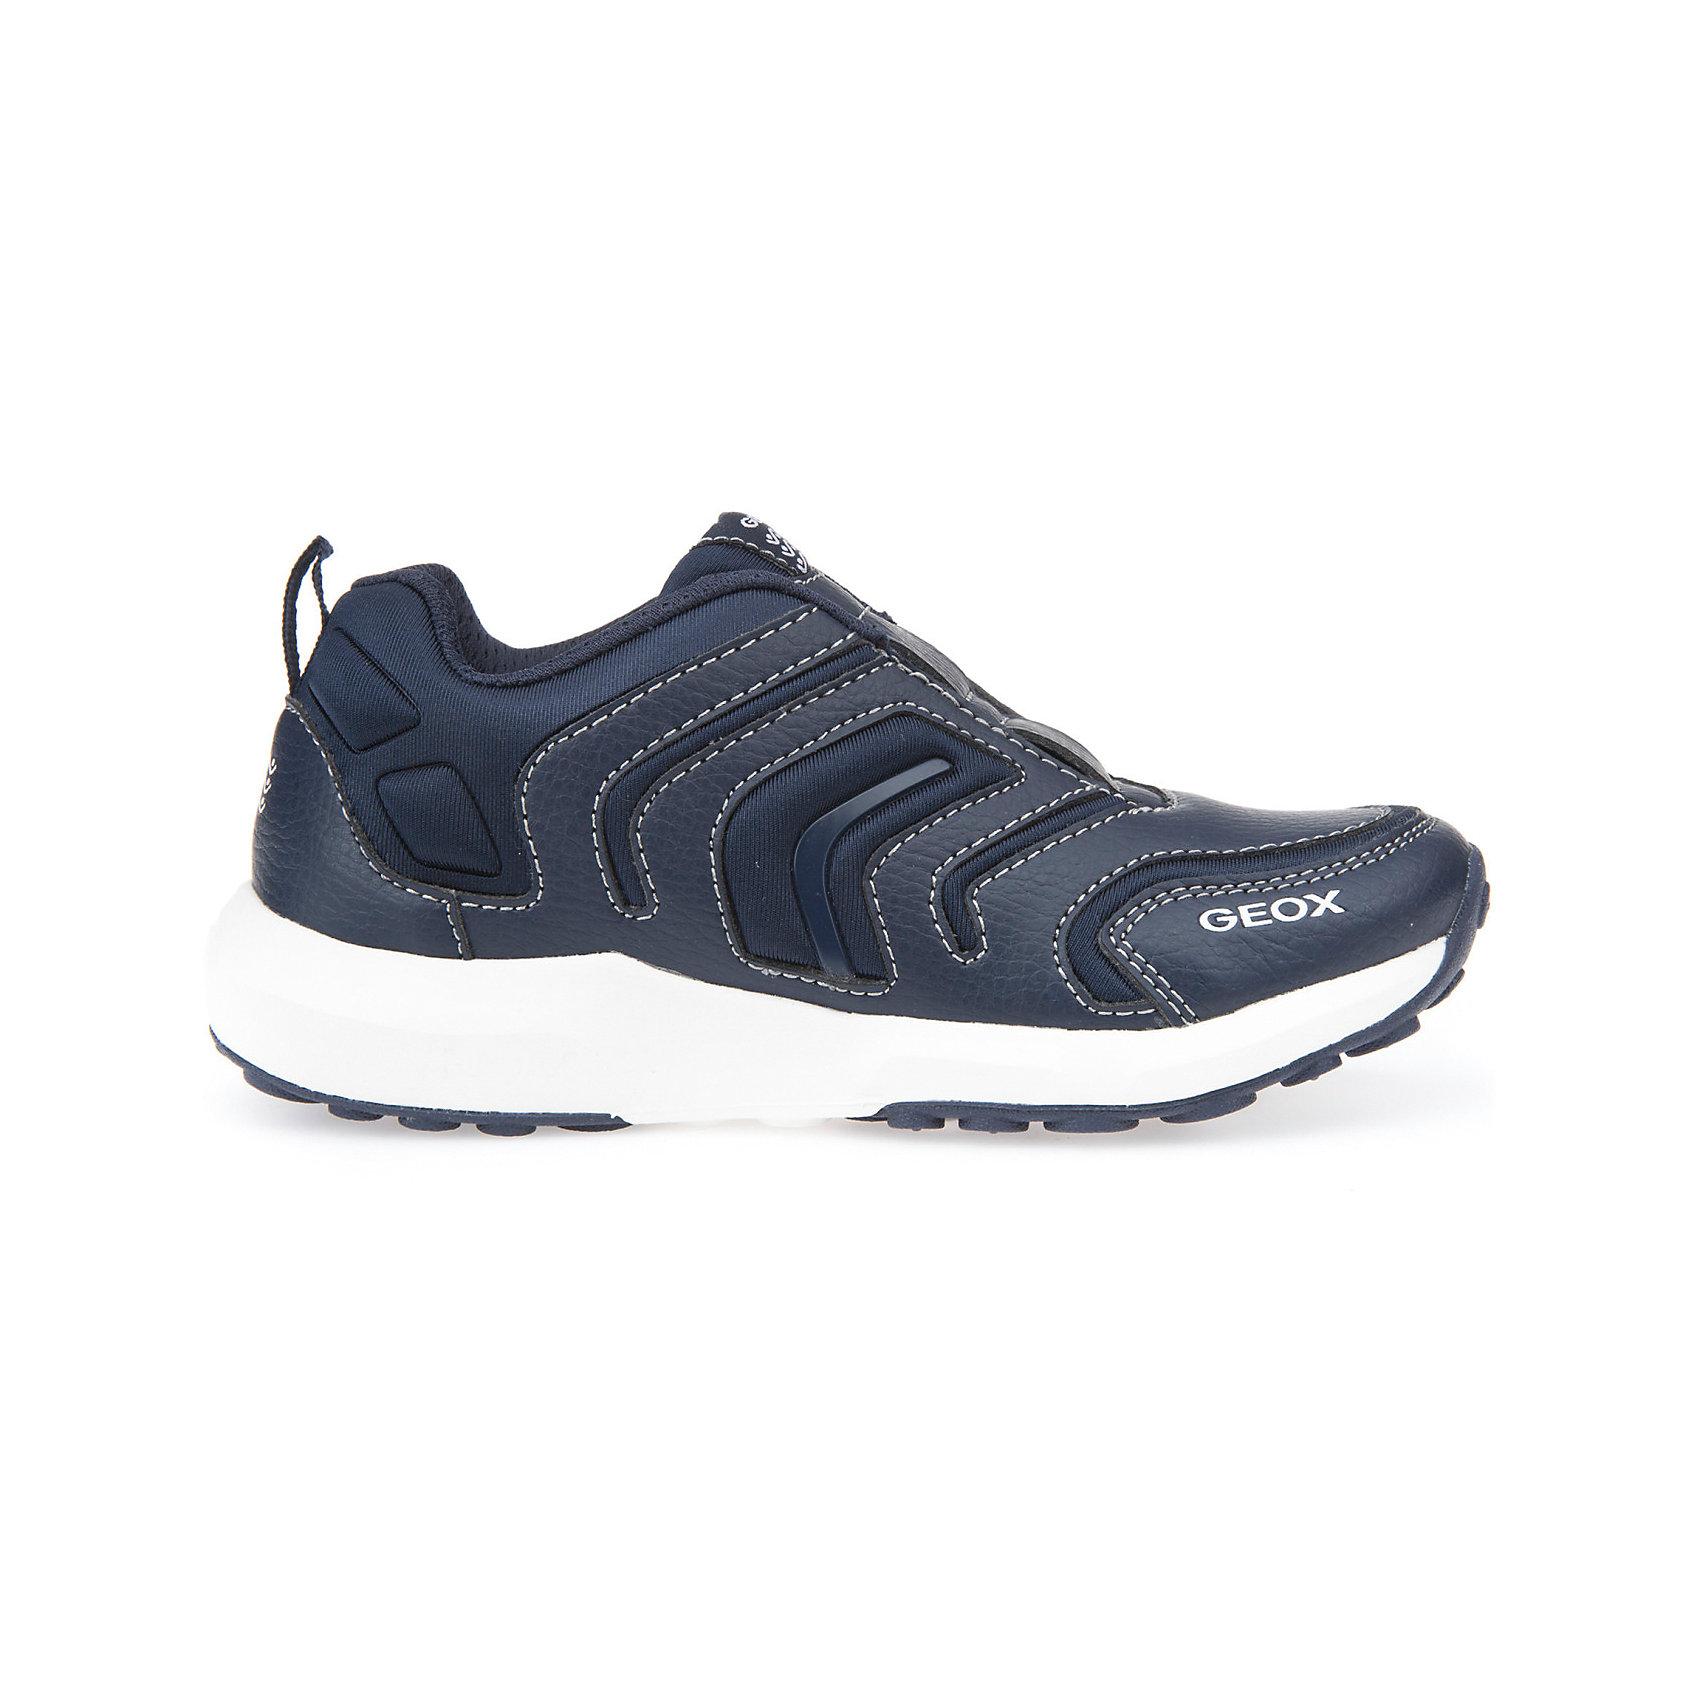 Кроссовки для мальчика GEOXКроссовки<br>Практичные кроссовки для мальчика от знаменитого итальянского бренда взрослой и детской одежды и обуви GEOX (Геокс). Кроссовки представлены в классическом синем цвете, который отлично сочетается с белой подошвой и объемные детали отделки. Идеальные для игр, легкие кроссовки имеют все необходимое для удобства и комфорта ребенка в течение всего дня. Разработанная технология подошвы кроссовок не позволяет им скользить, отлично амортизирует шаги и позволяет стопе дышать. Мягкая подошва отлично гнется, обеспечивая безопасность шагов малыша, поддерживая стопу, позволяя стоять более уверенно и оставляя свободу движения. Эргономичная кожаная антибактериальная стелька и высокий задник хорошо фиксируют голеностоп и удобны в носке. Внутренний материал и резинка позволяют легко надевать и снимать кроссовки, не заботясь о шнурках или застежках. Кроссовки оставляют ноги ребенка сухими, позволяя им дышать. <br>Дополнительная информация:<br>- Состав:<br>верх:  68% синтетика,32 % текстиль<br>подкладка: 89% текстиль, 6% синтетика, 5 % синтетика<br>стелька: 76% натуральная кожа, 24 синтетика<br>подошва: резина<br>Кроссовки для мальчика GEOX (Геокс) можно купить в нашем магазине.<br>Подробнее:<br>• Для детей в возрасте: от 6 до 11 лет<br>• Номер товара: 5007926<br>Страна производитель: Китай<br><br>Ширина мм: 250<br>Глубина мм: 150<br>Высота мм: 150<br>Вес г: 250<br>Цвет: голубой<br>Возраст от месяцев: 108<br>Возраст до месяцев: 120<br>Пол: Мужской<br>Возраст: Детский<br>Размер: 33,27,38,37,36,35,34,32,31,30,29,28<br>SKU: 5007926